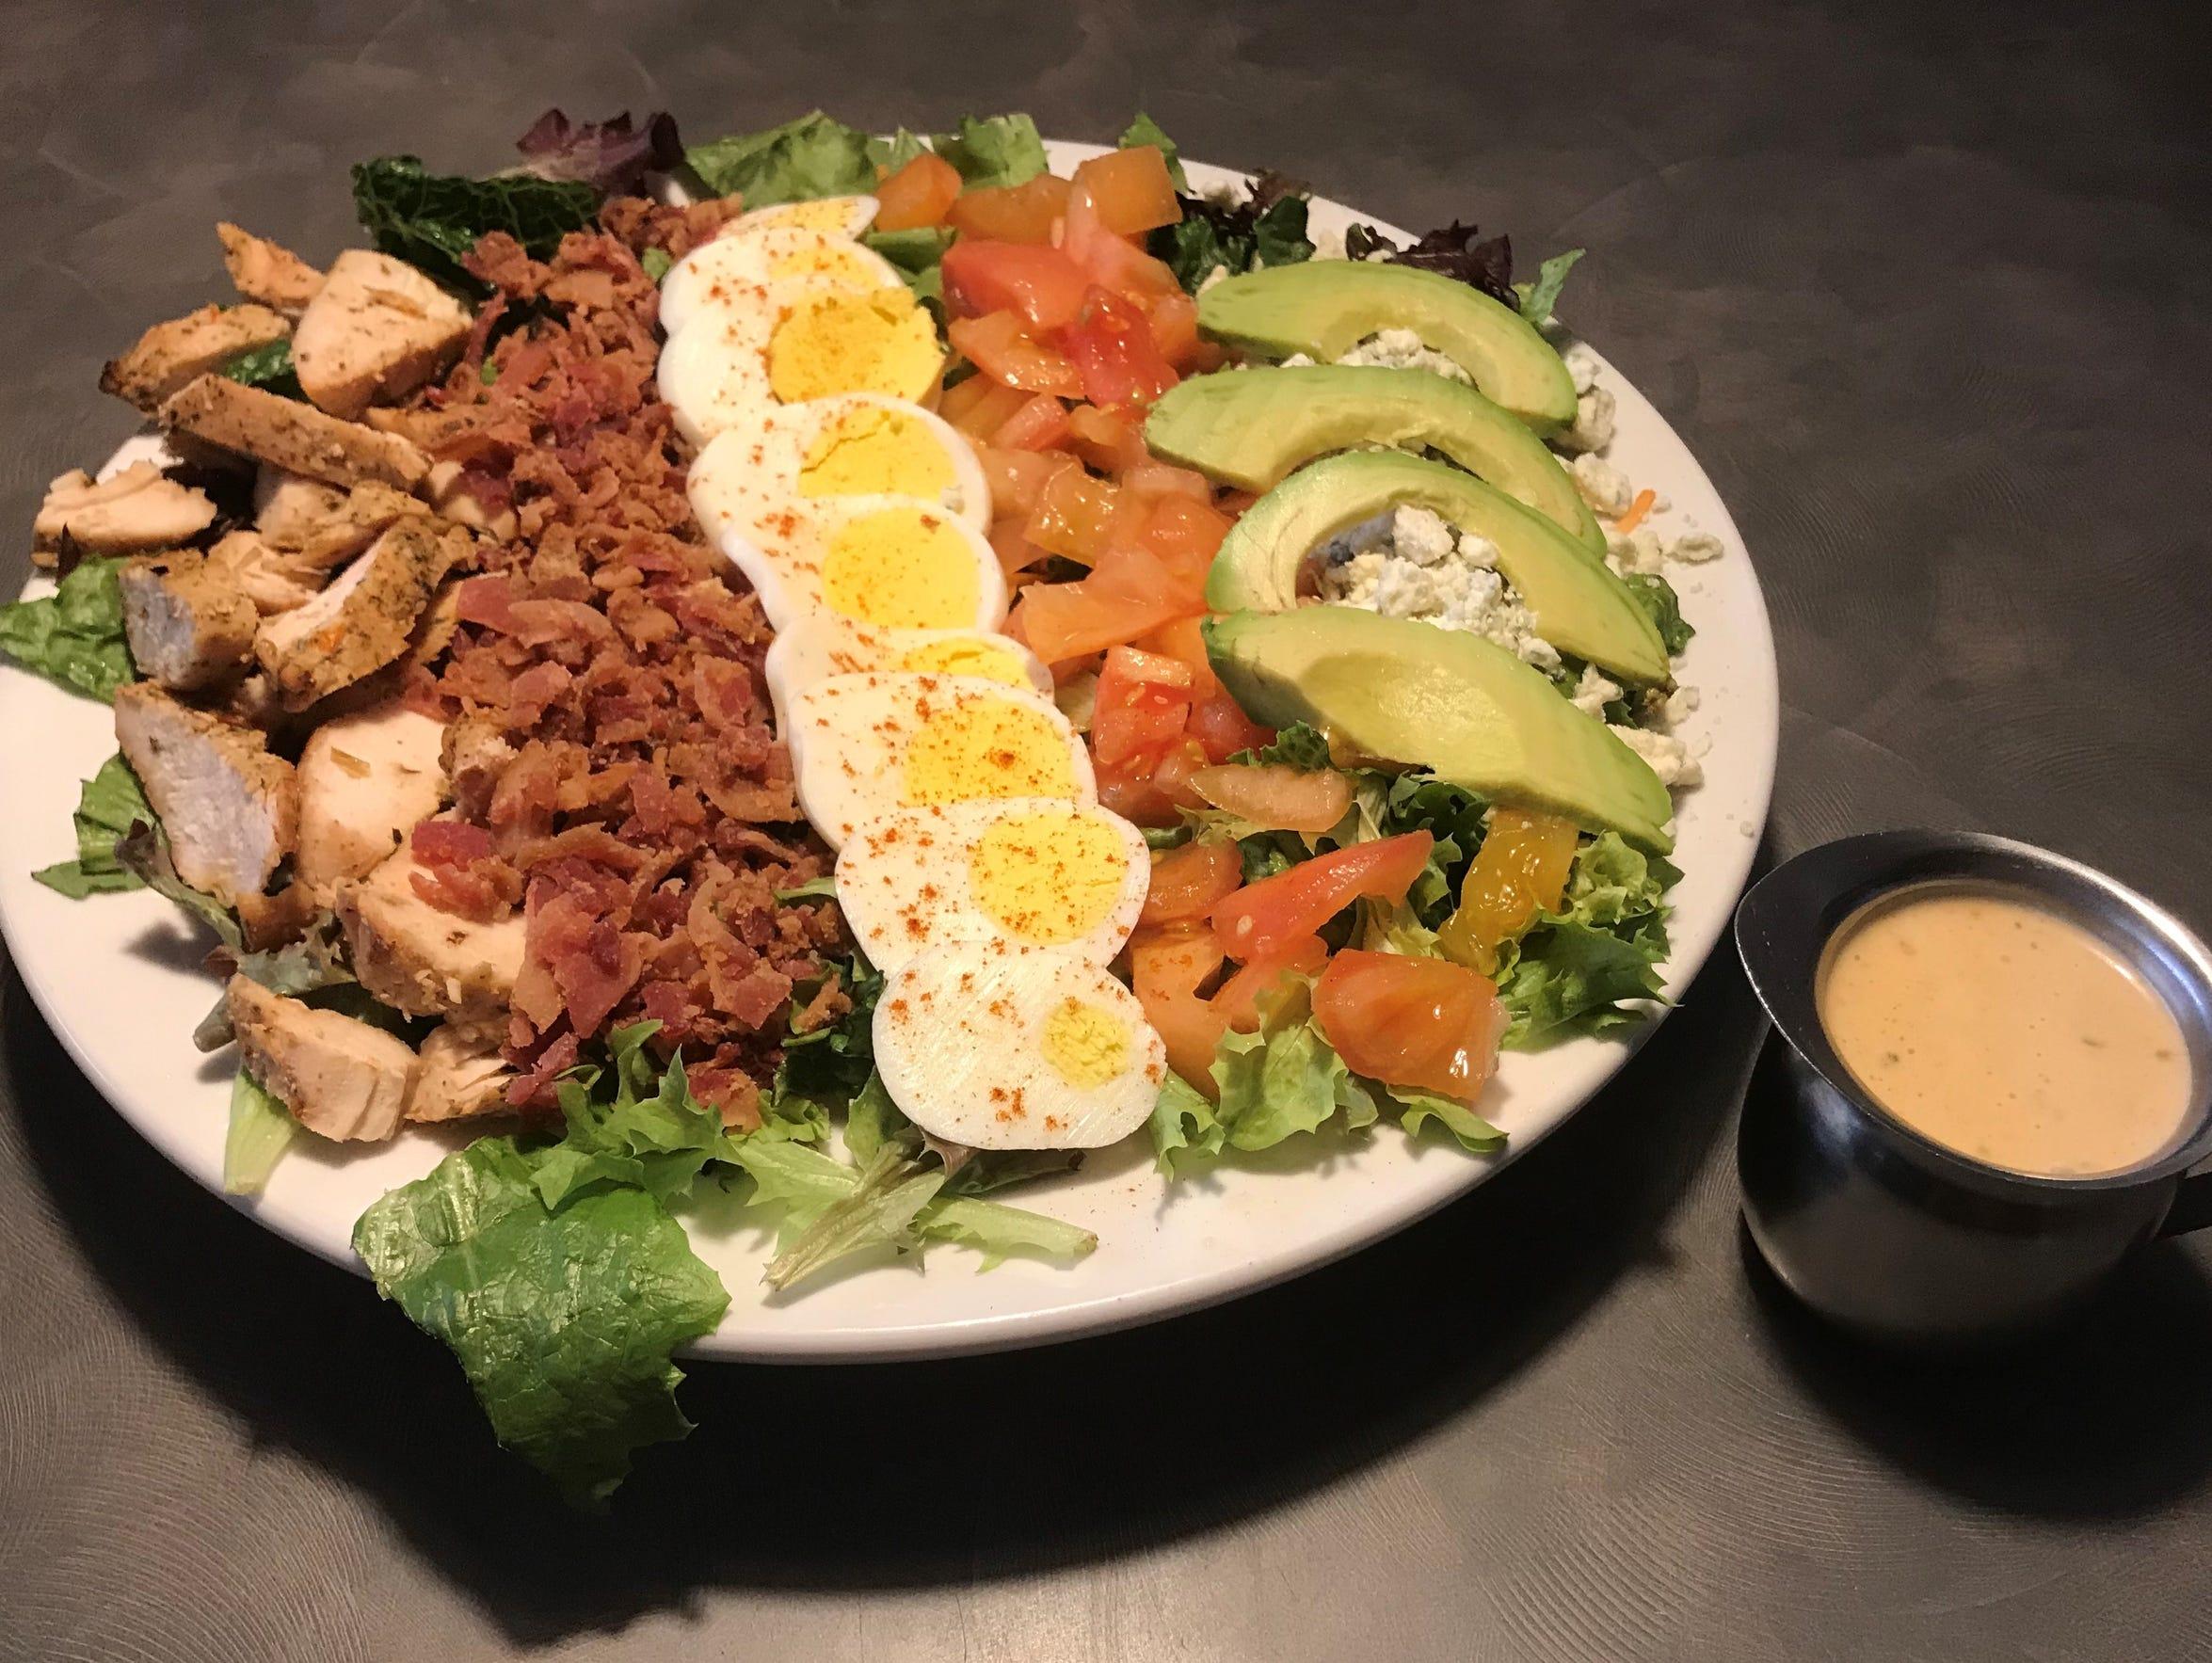 MacKenzie River Pizza Co.'s Cobb Salad